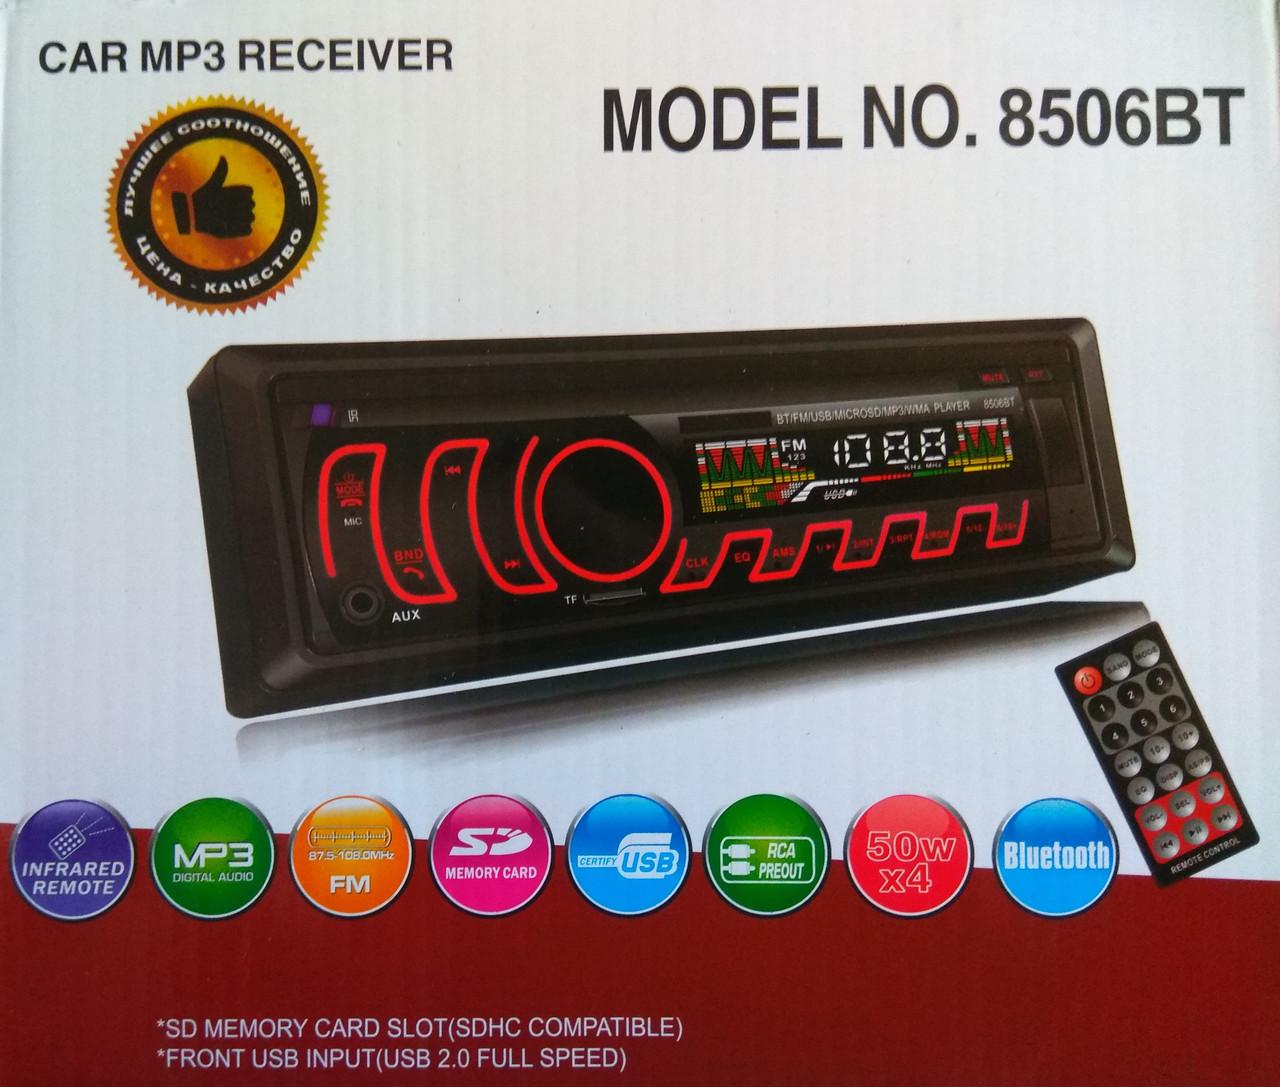 Автомагнитола 1 Din MP3-8506BT RGB подсветка с Bluetooth